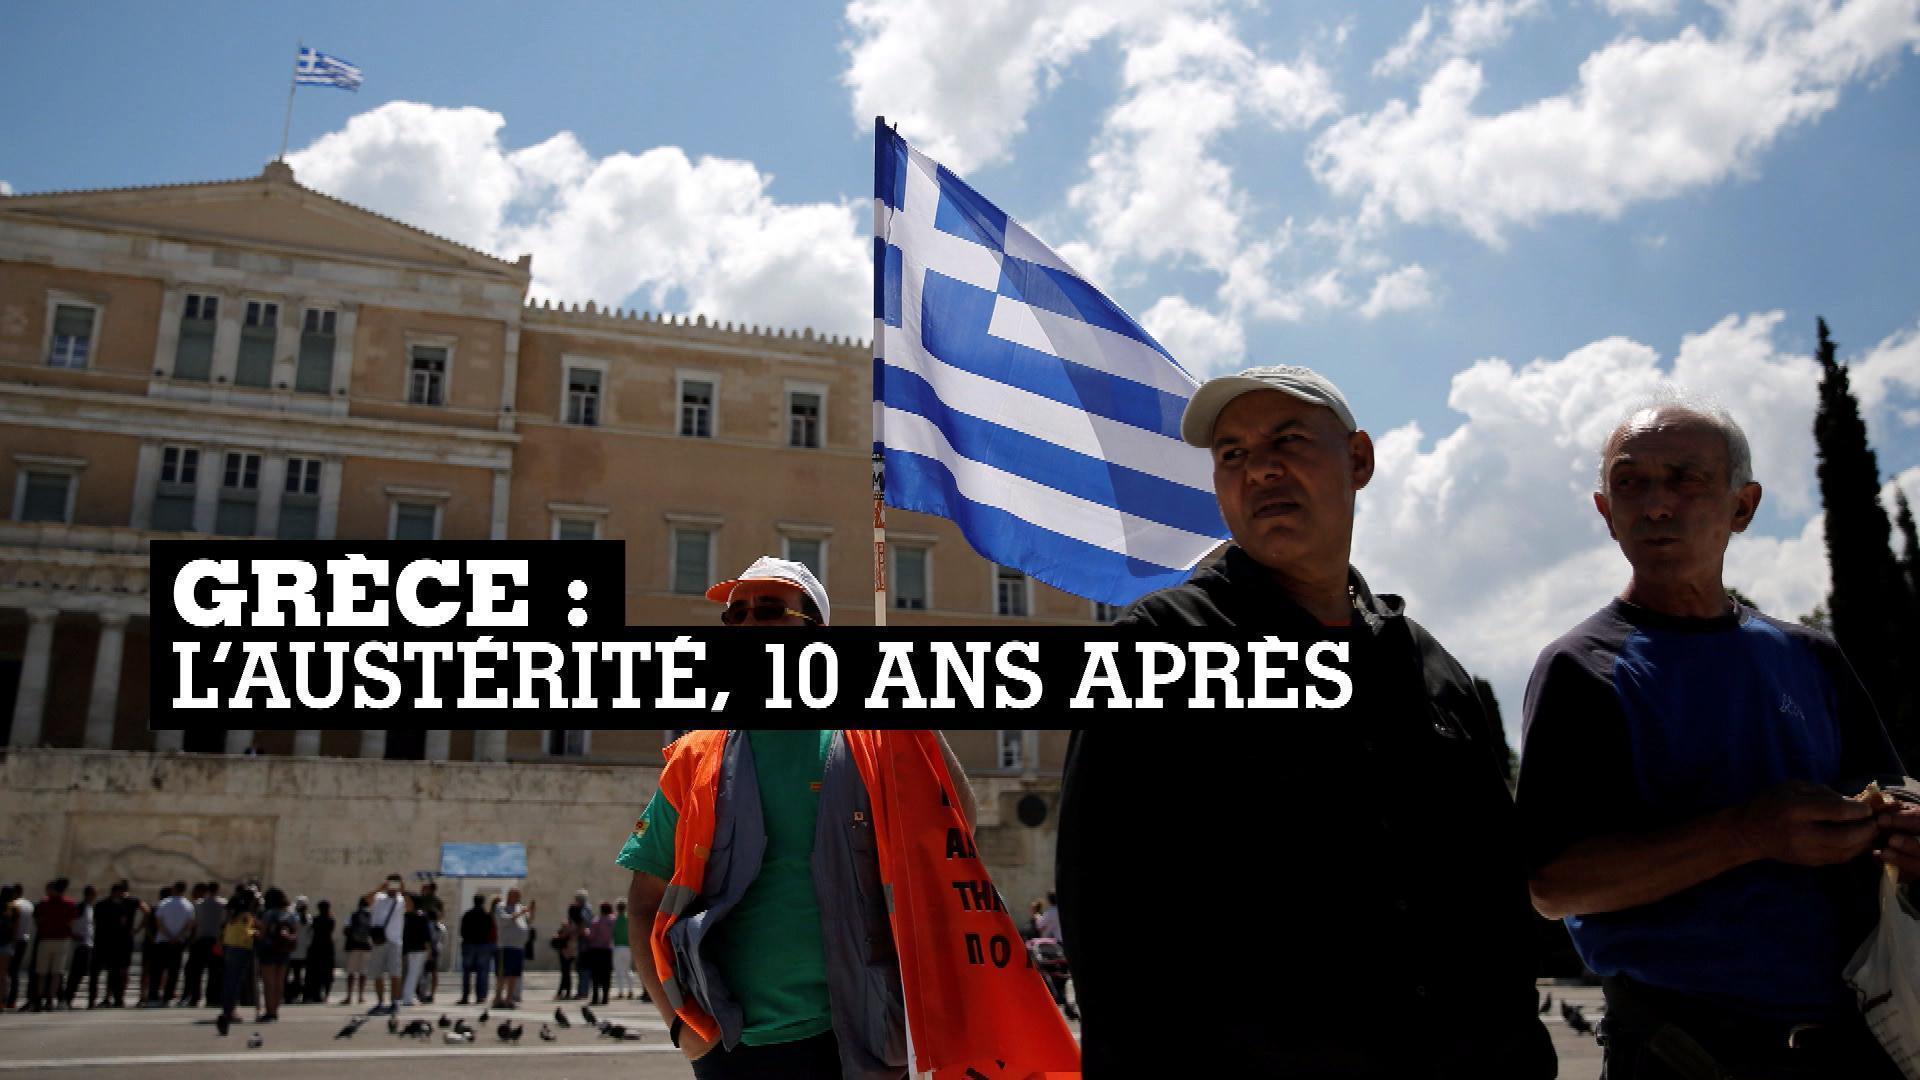 Grèce austérité